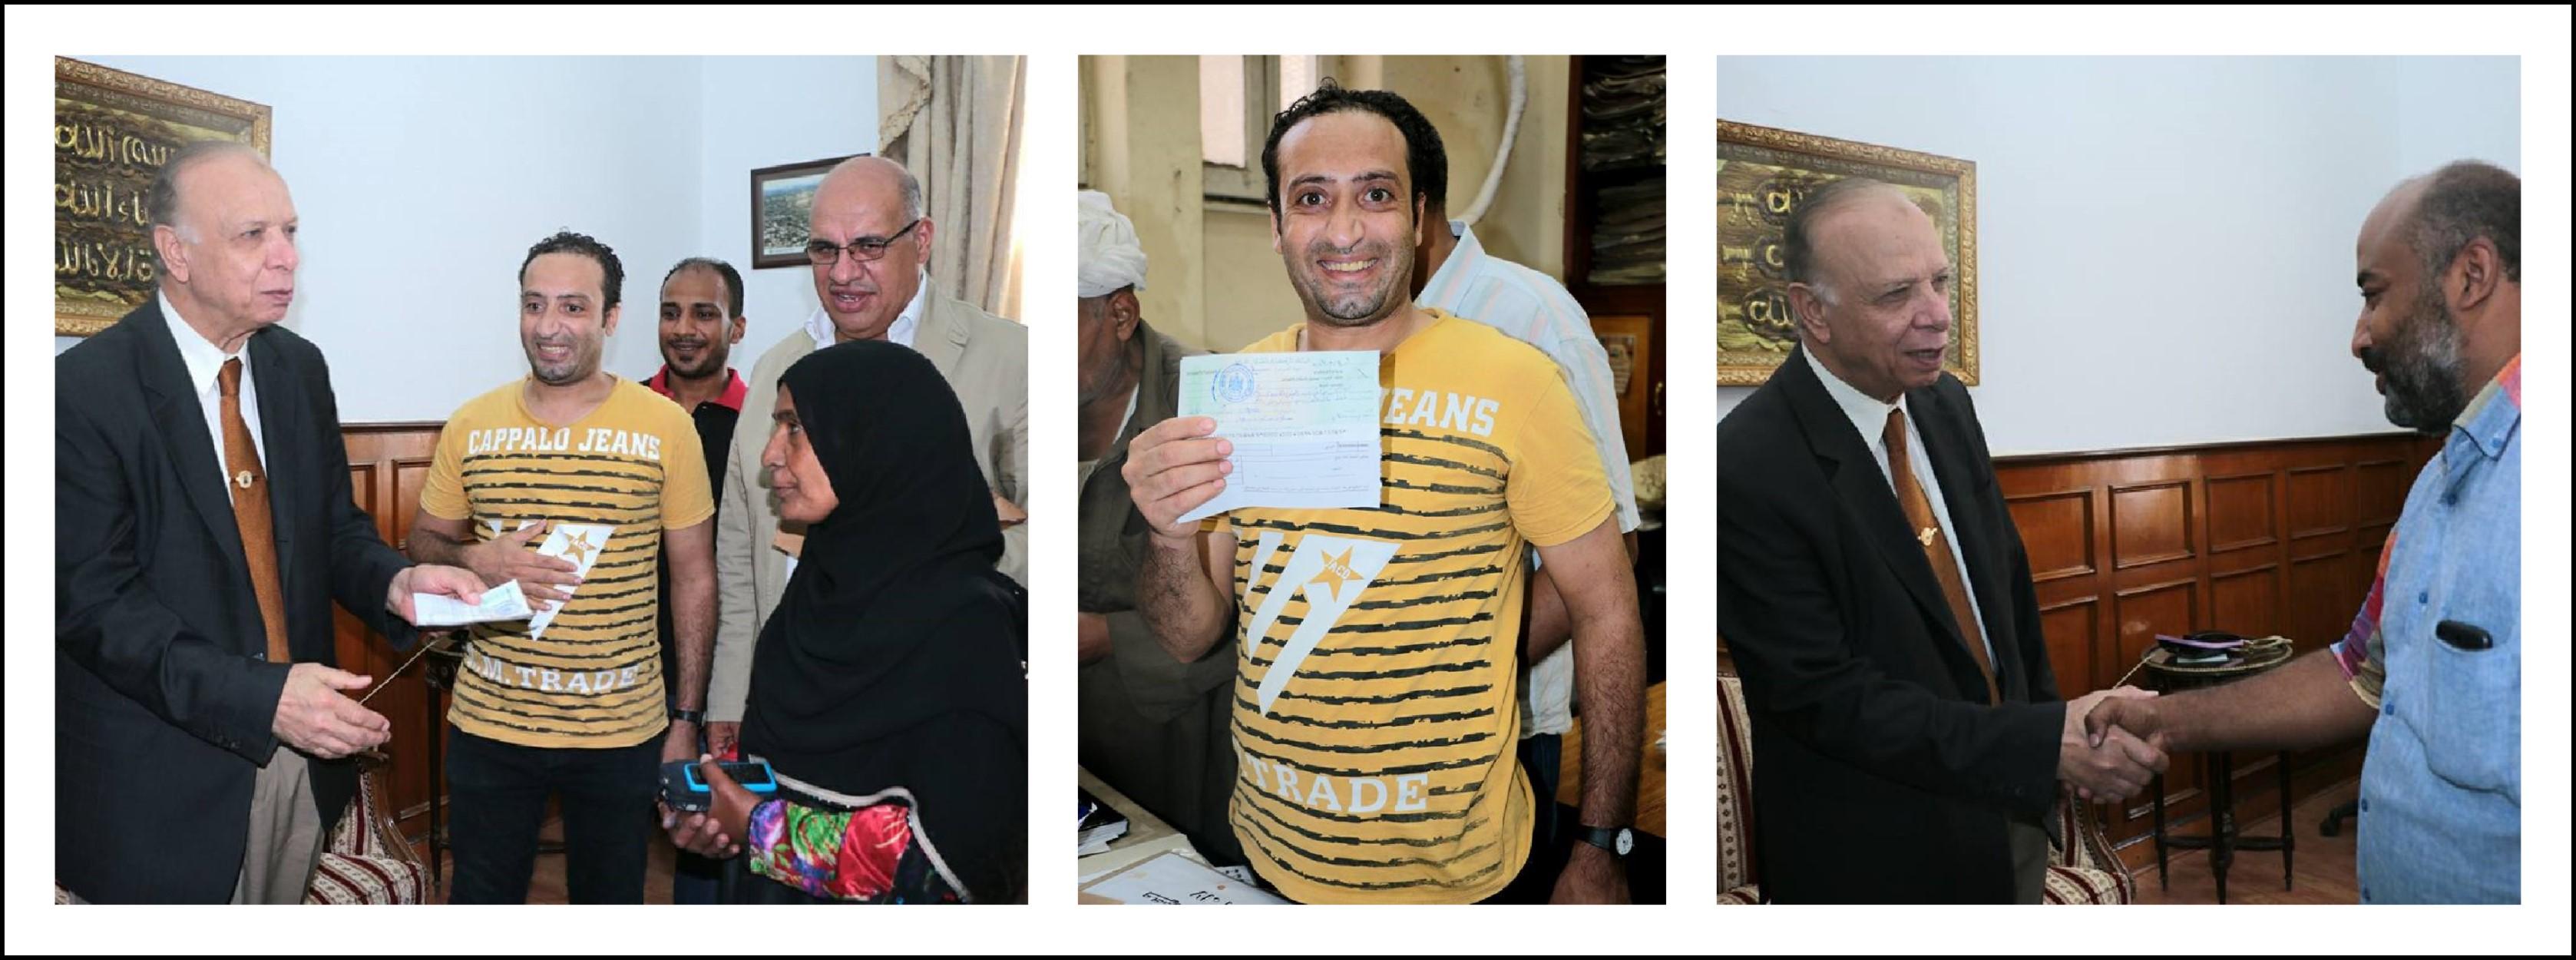 محافظ القاهرة أثناء تسليم بعض أهالي مثلث ماسبيرو المرحلة الأولى من التعويضات المالية نظير إخلاءهم للمنطقة